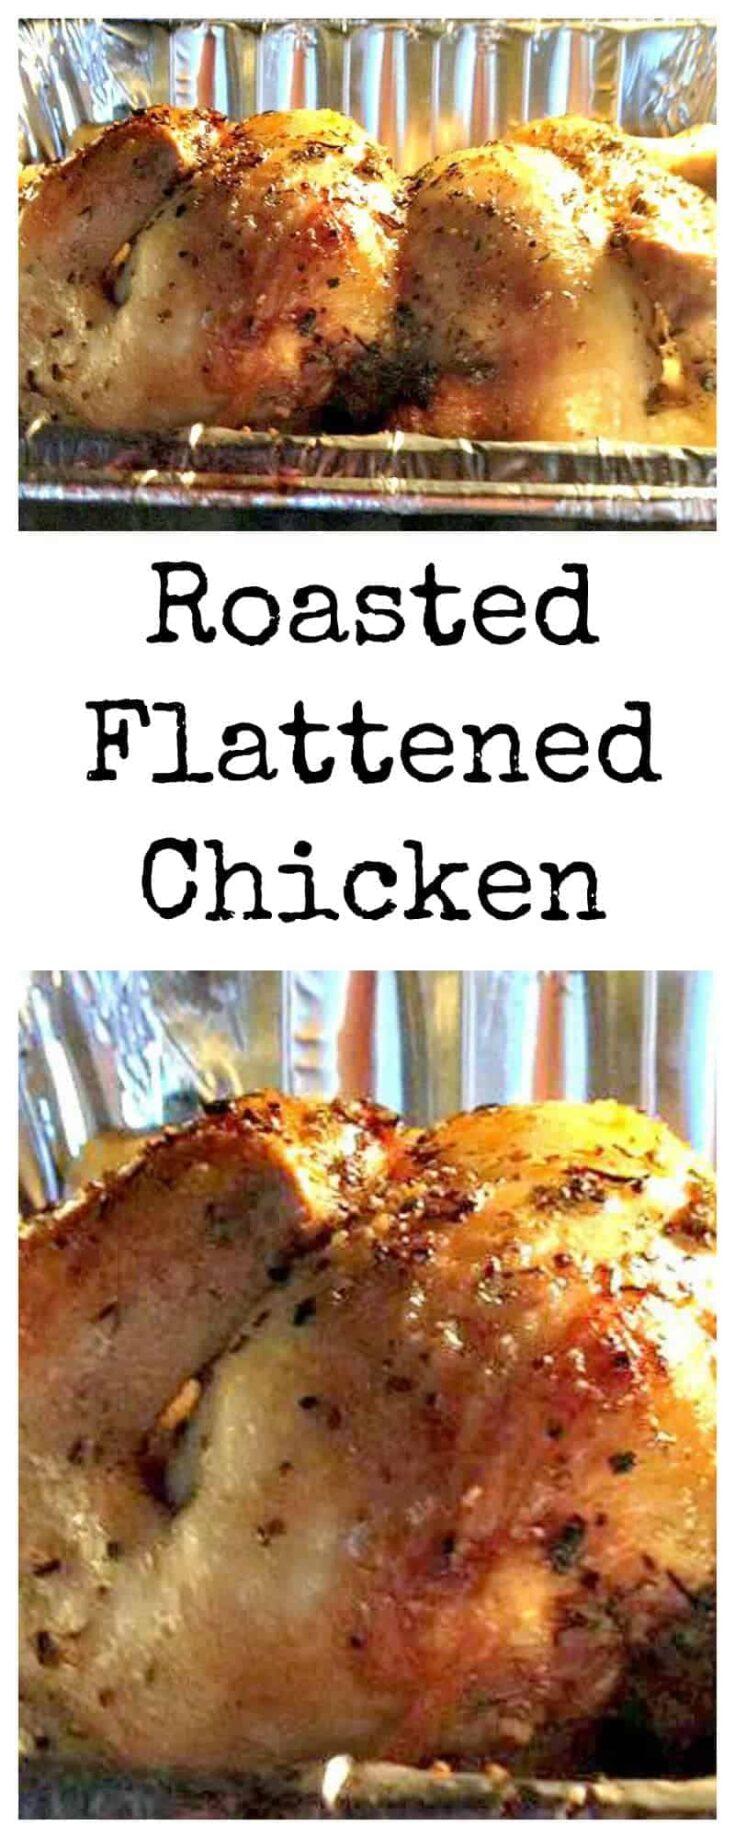 Roasted Flattened ChickenPTL